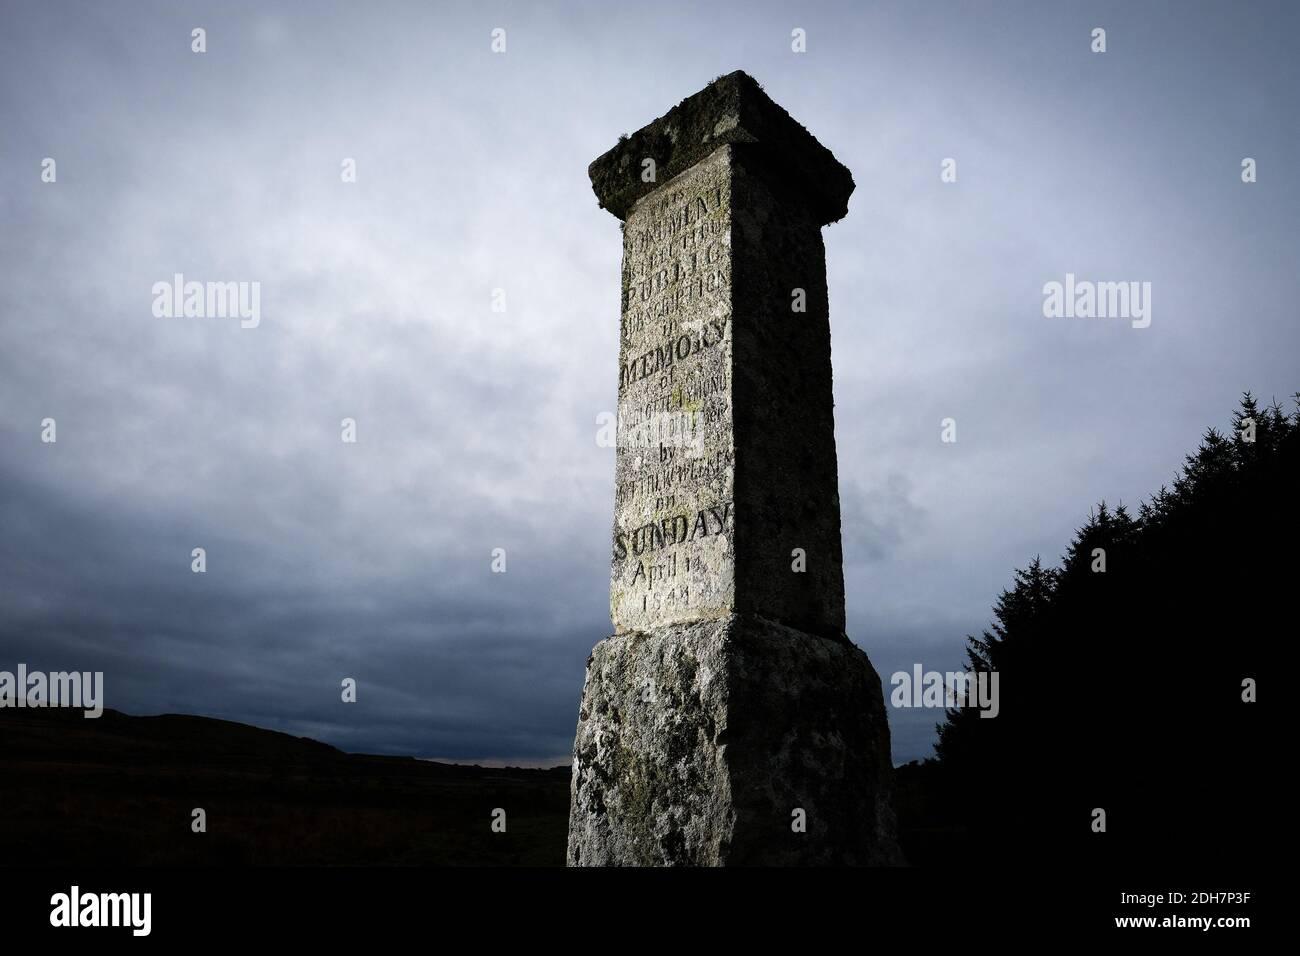 Un monumento debajo de la muestra Tor y Rough Tor en Bodmin Moor, dijo que Marca el lugar donde Charlotte Dymond fue asesinado en 1844.Jueves 12 de noviembre de 2020. Foto de stock